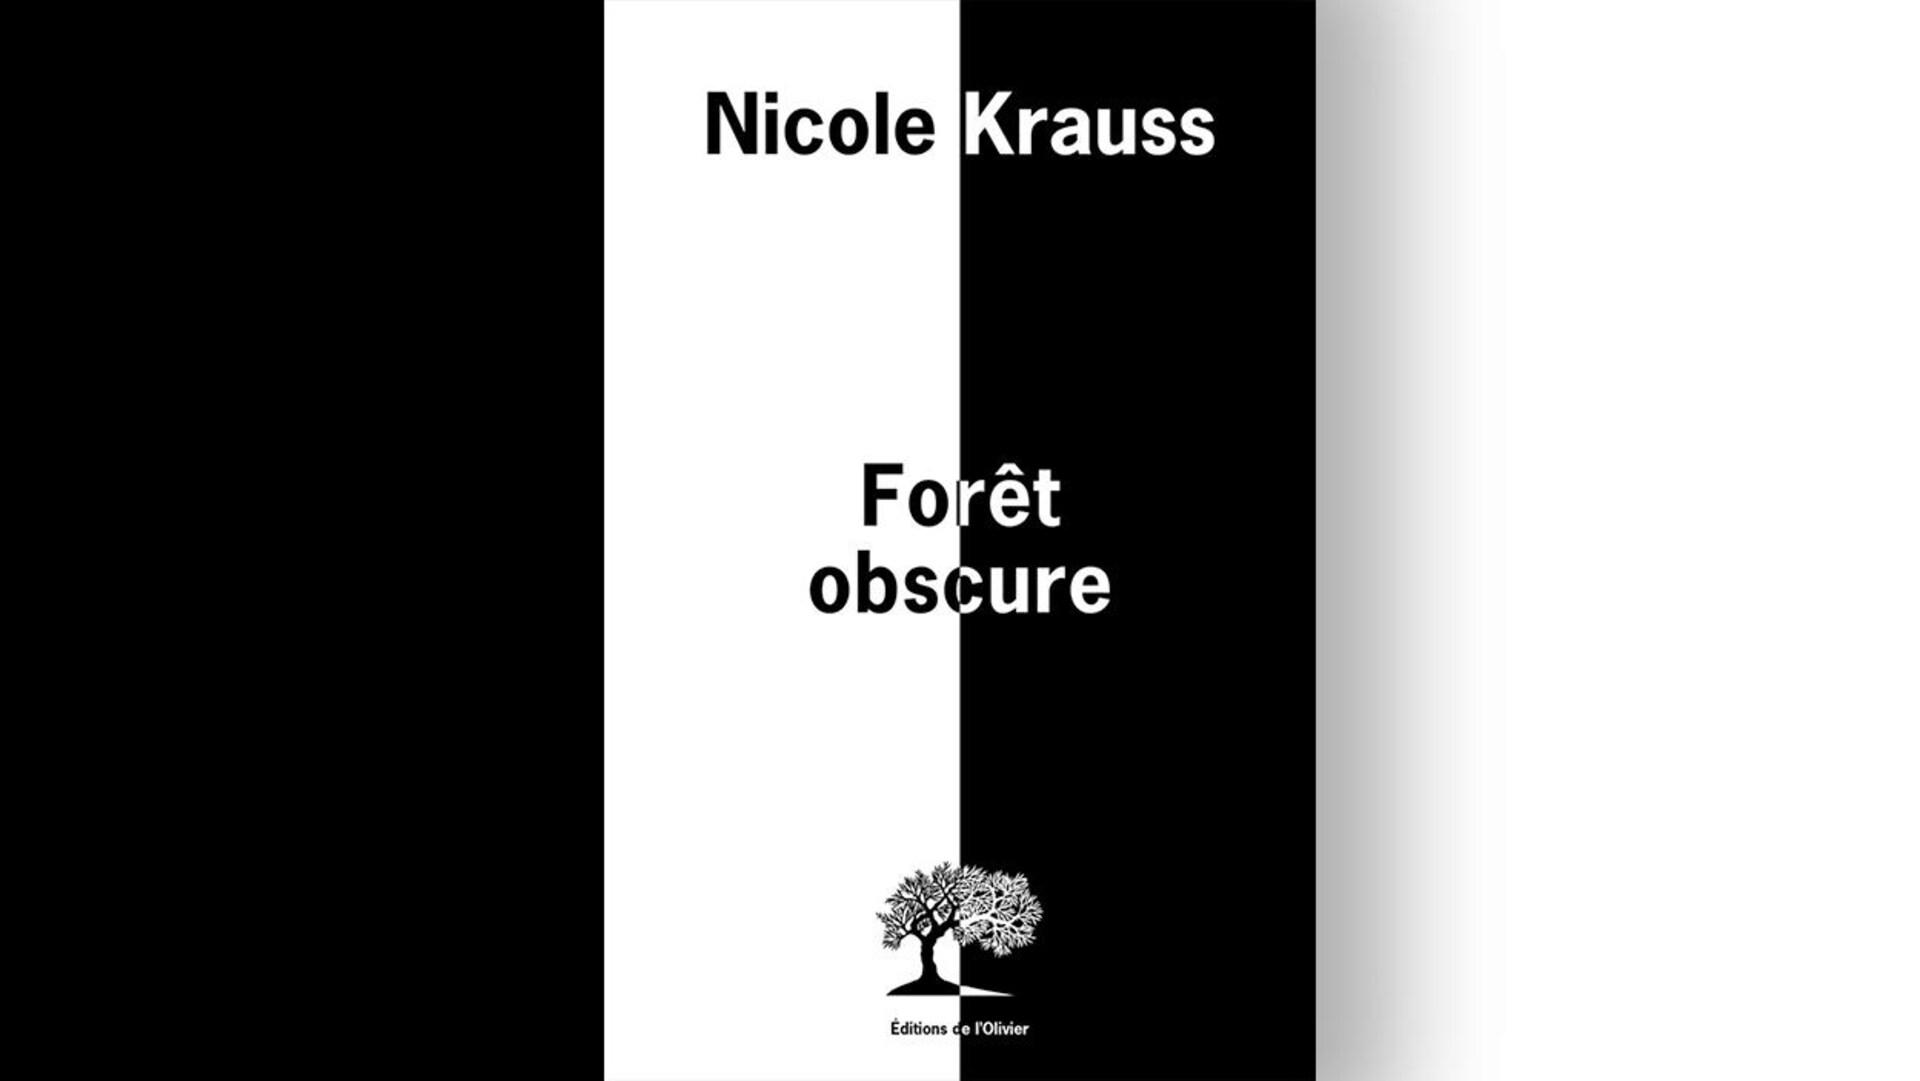 La couverture du livre «Forêt obscure» de Nicole Krauss est noire et blanche et séparée en deux à la verticale. À gauche, la moitié du nom de l'auteure, du titre et de la maison d'édition (logo et nom) est en noir sur fond blanc, et à droite, en blanc sur fond noir.